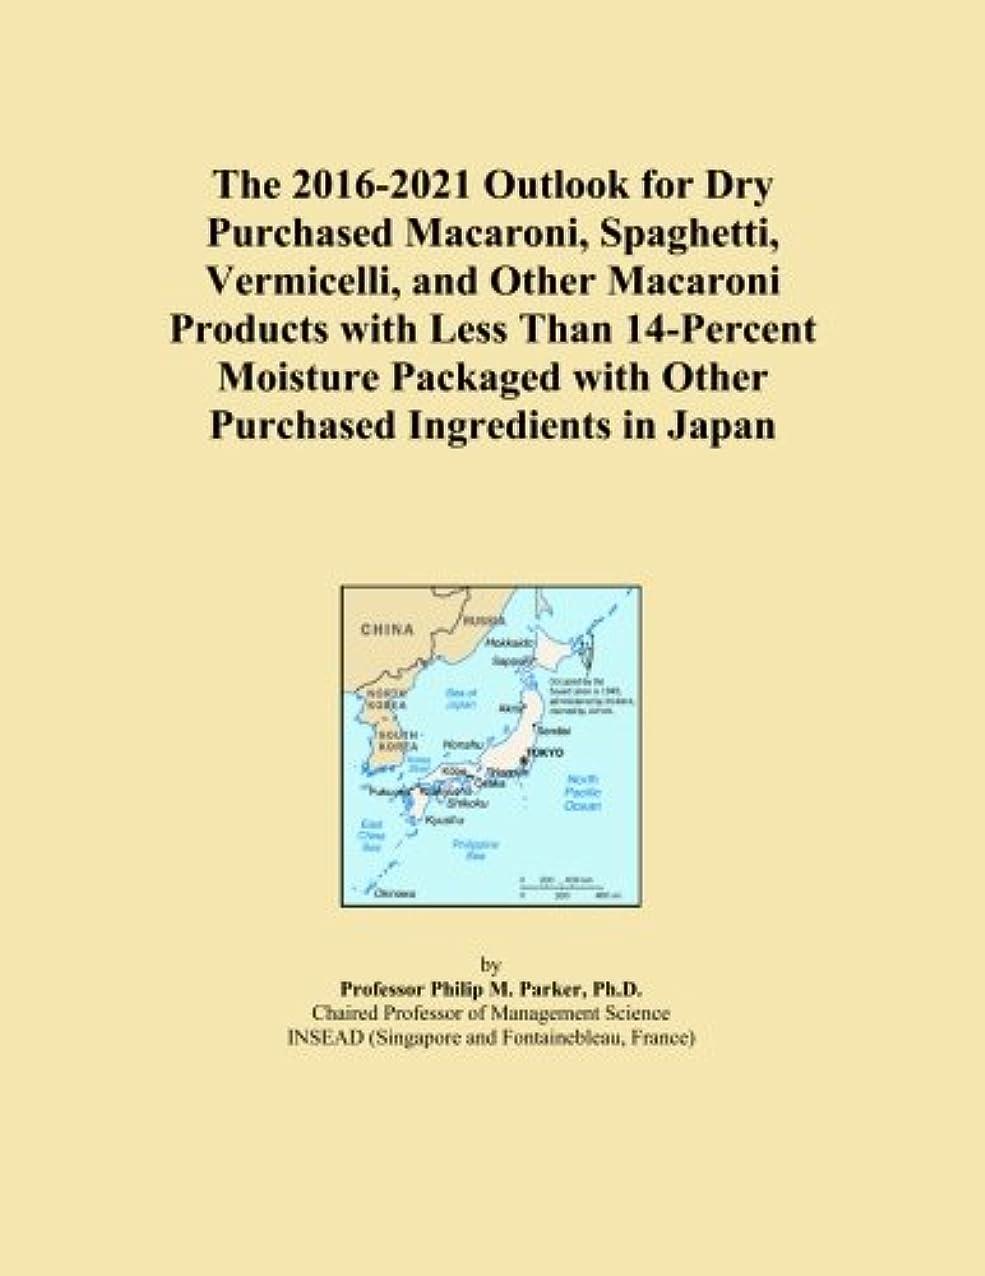 加速度意図収穫The 2016-2021 Outlook for Dry Purchased Macaroni, Spaghetti, Vermicelli, and Other Macaroni Products with Less Than 14-Percent Moisture Packaged with Other Purchased Ingredients in Japan